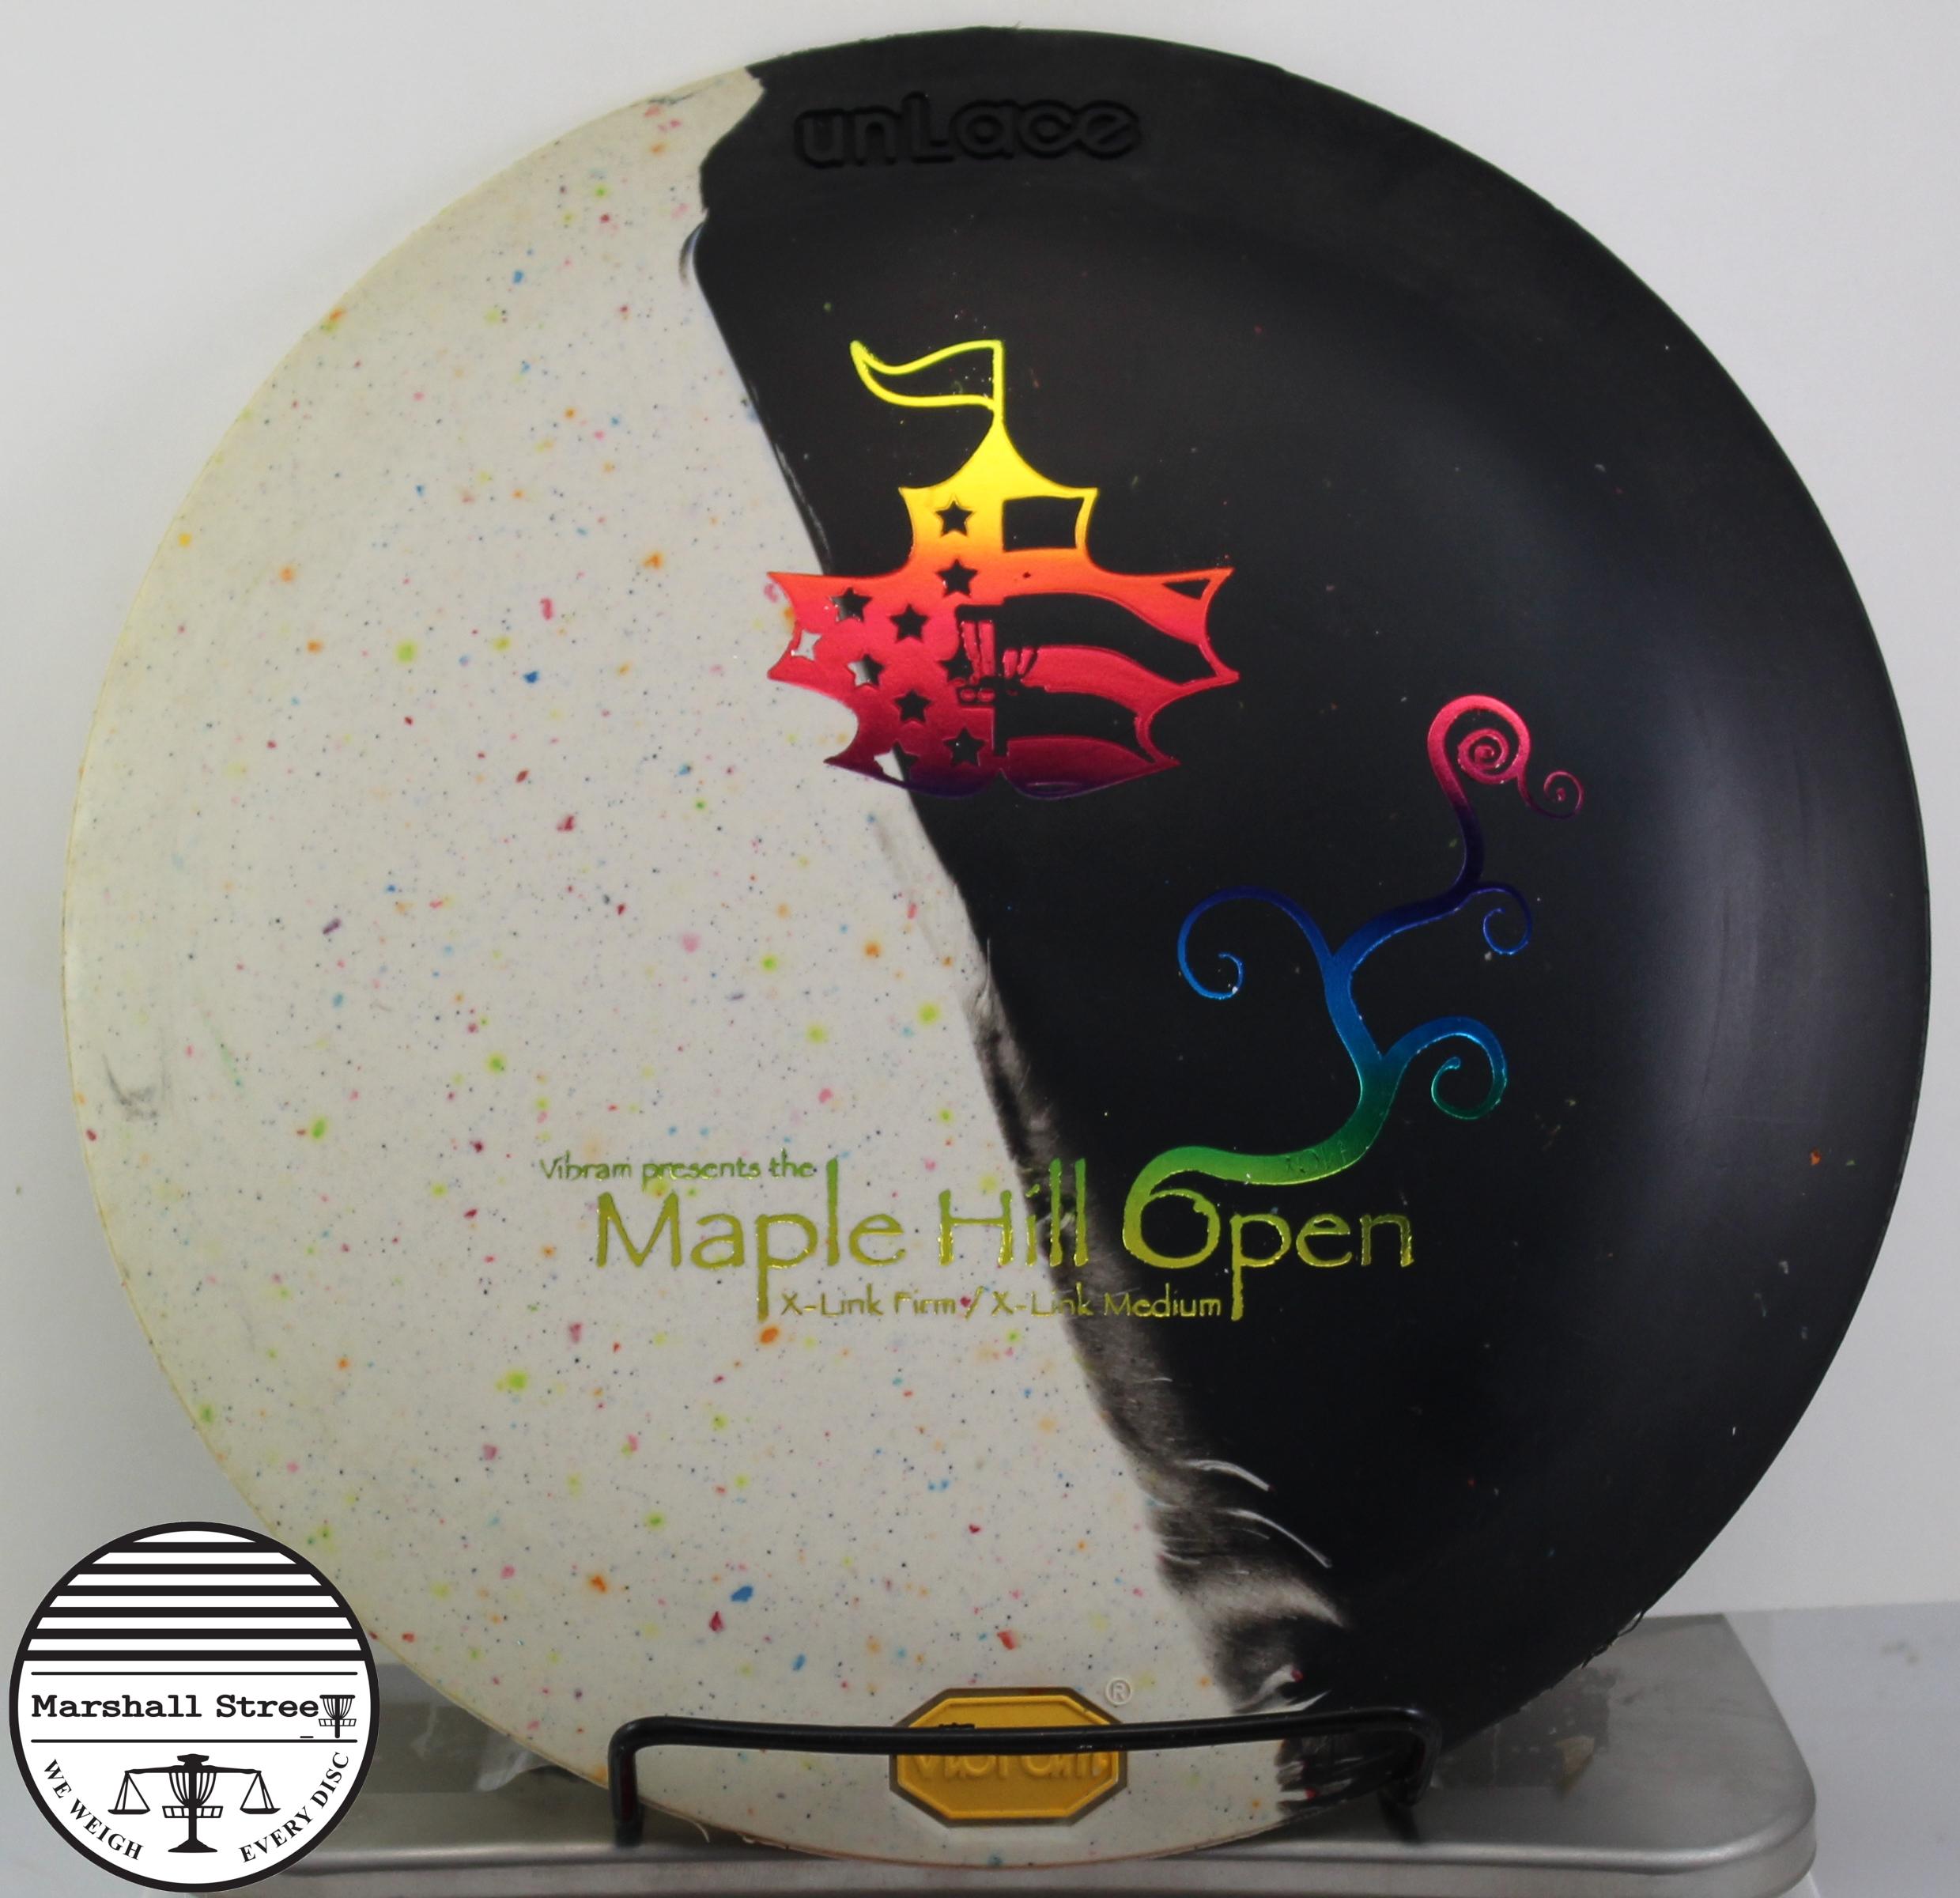 Hybrid unLace, Maple Hill Open